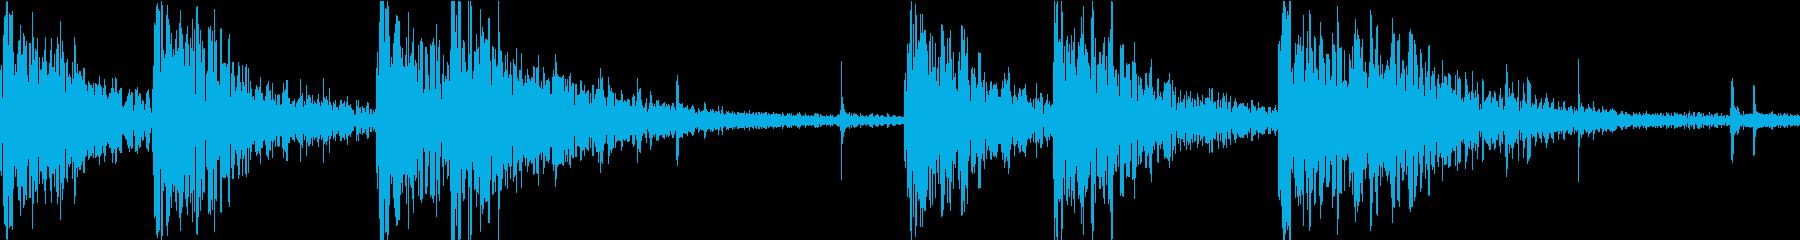 盆踊りのシンプルな和太鼓ループの再生済みの波形